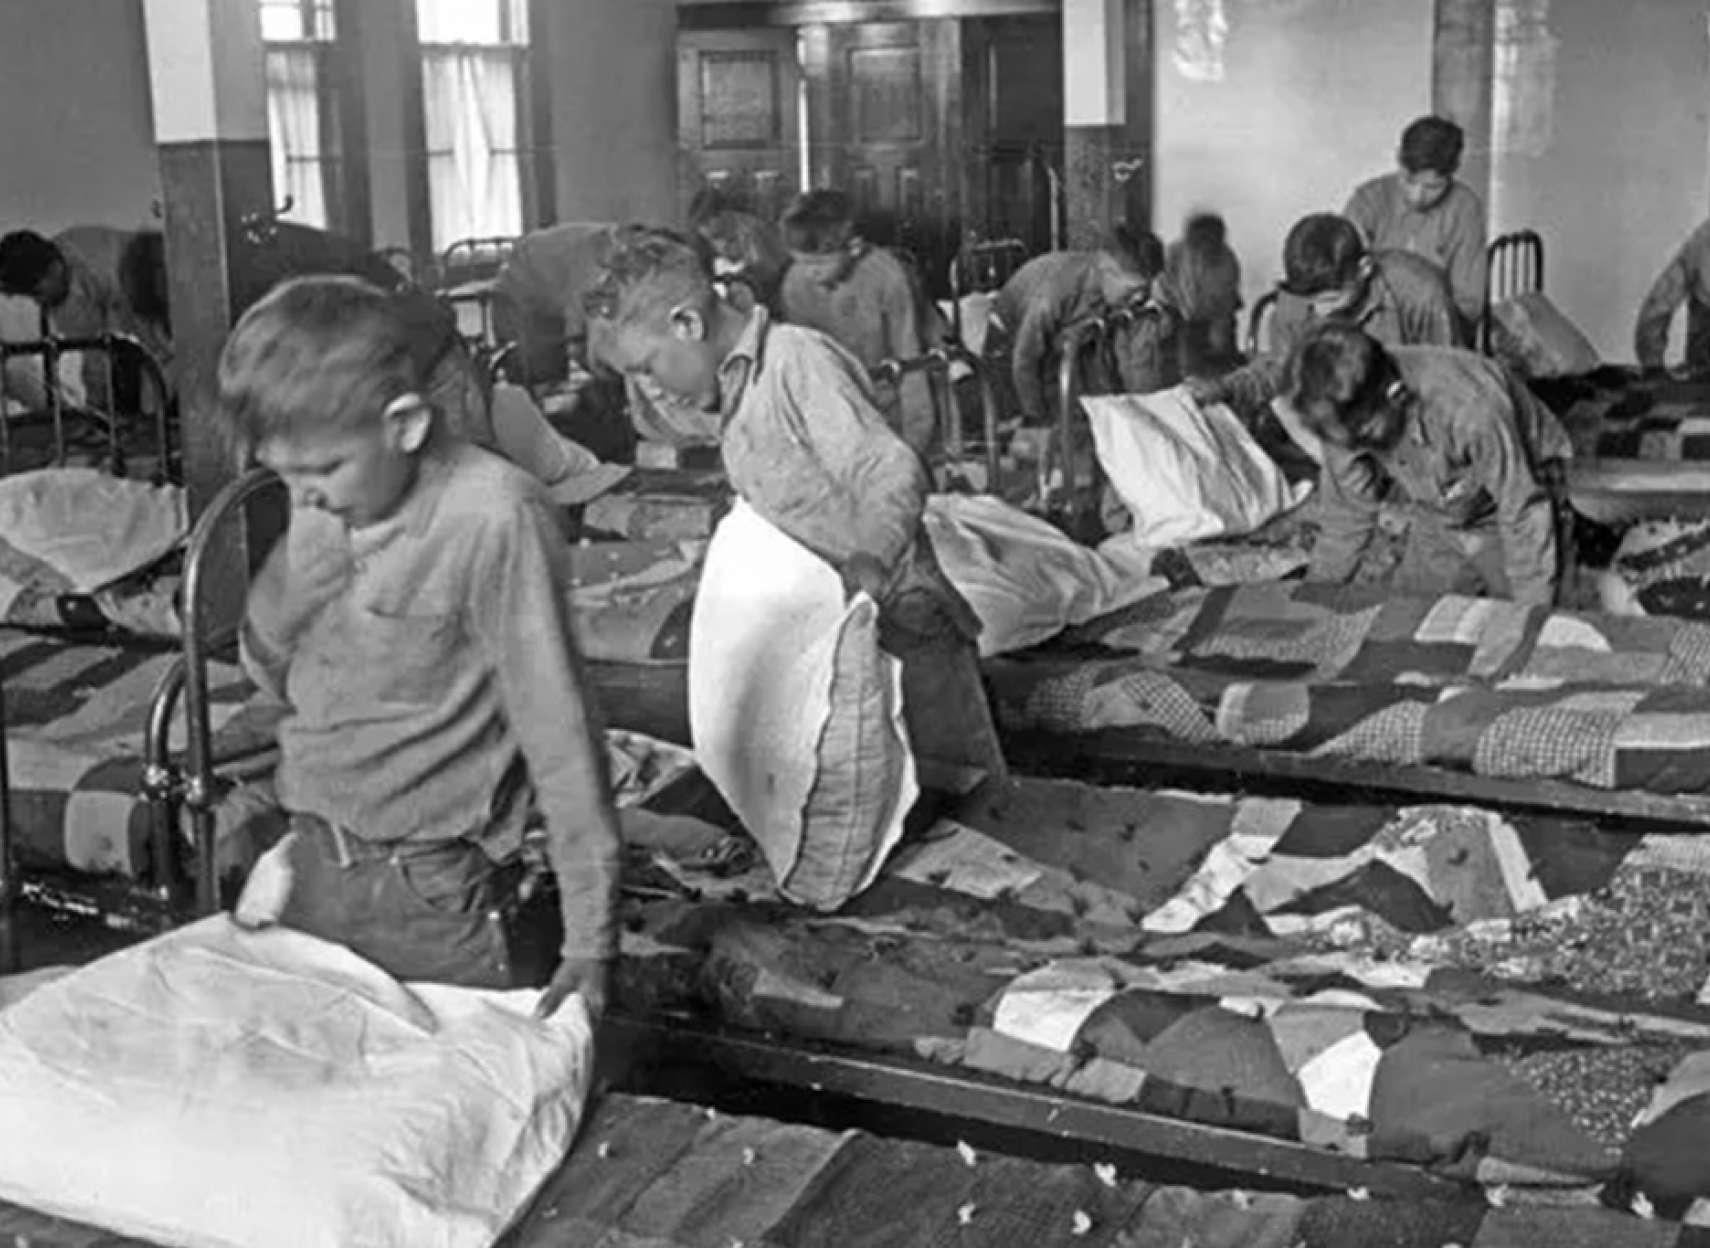 کانادا-آرش-آبادی-نمونههای-دردناک-نسلکشی-بومیان-در-کانادای-معاصر